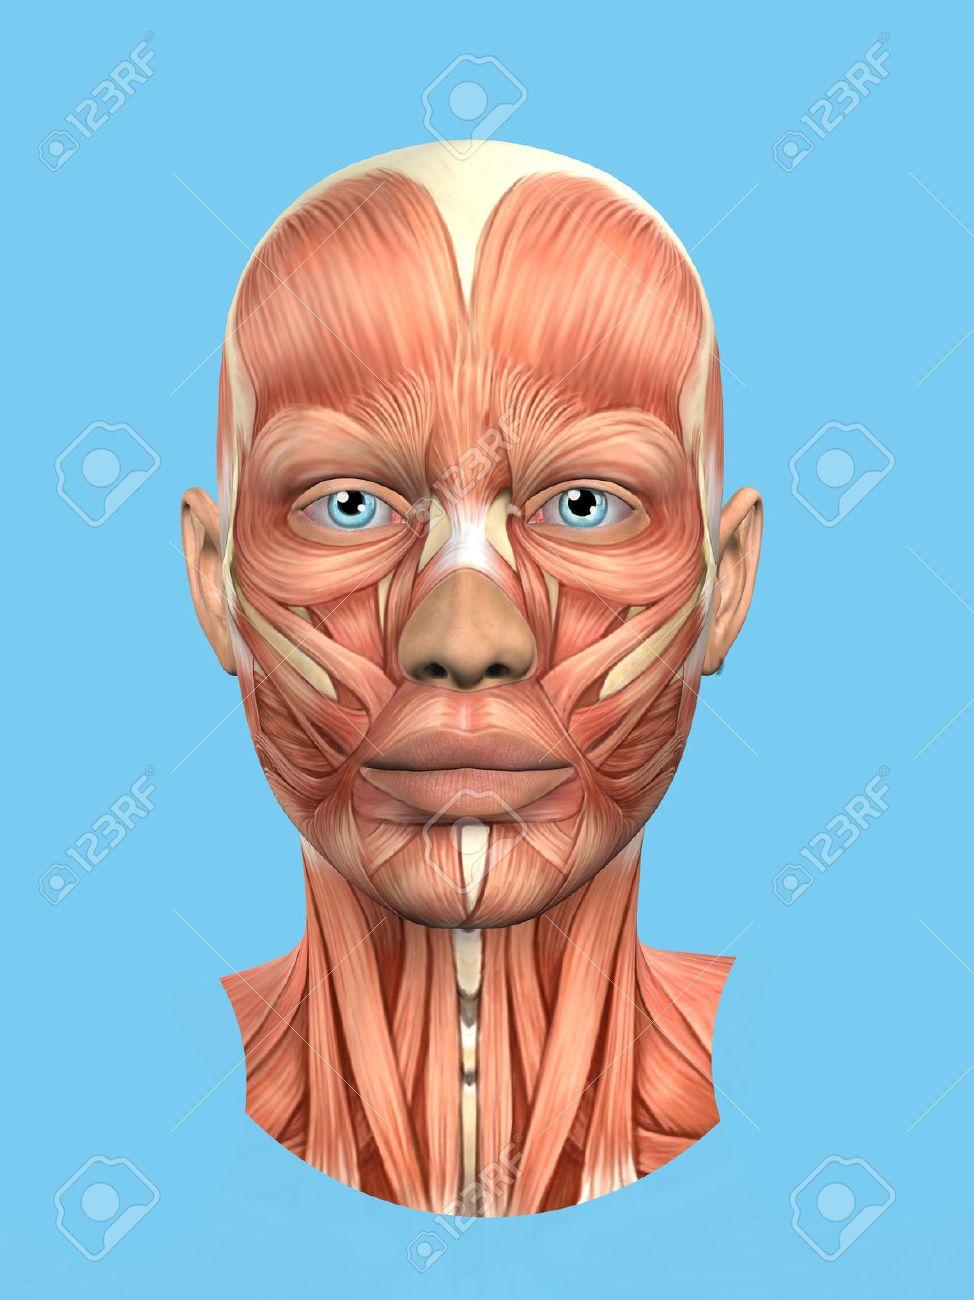 Anatomie Vorderansicht Der Hauptgesichtsmuskeln Einer Frau ...